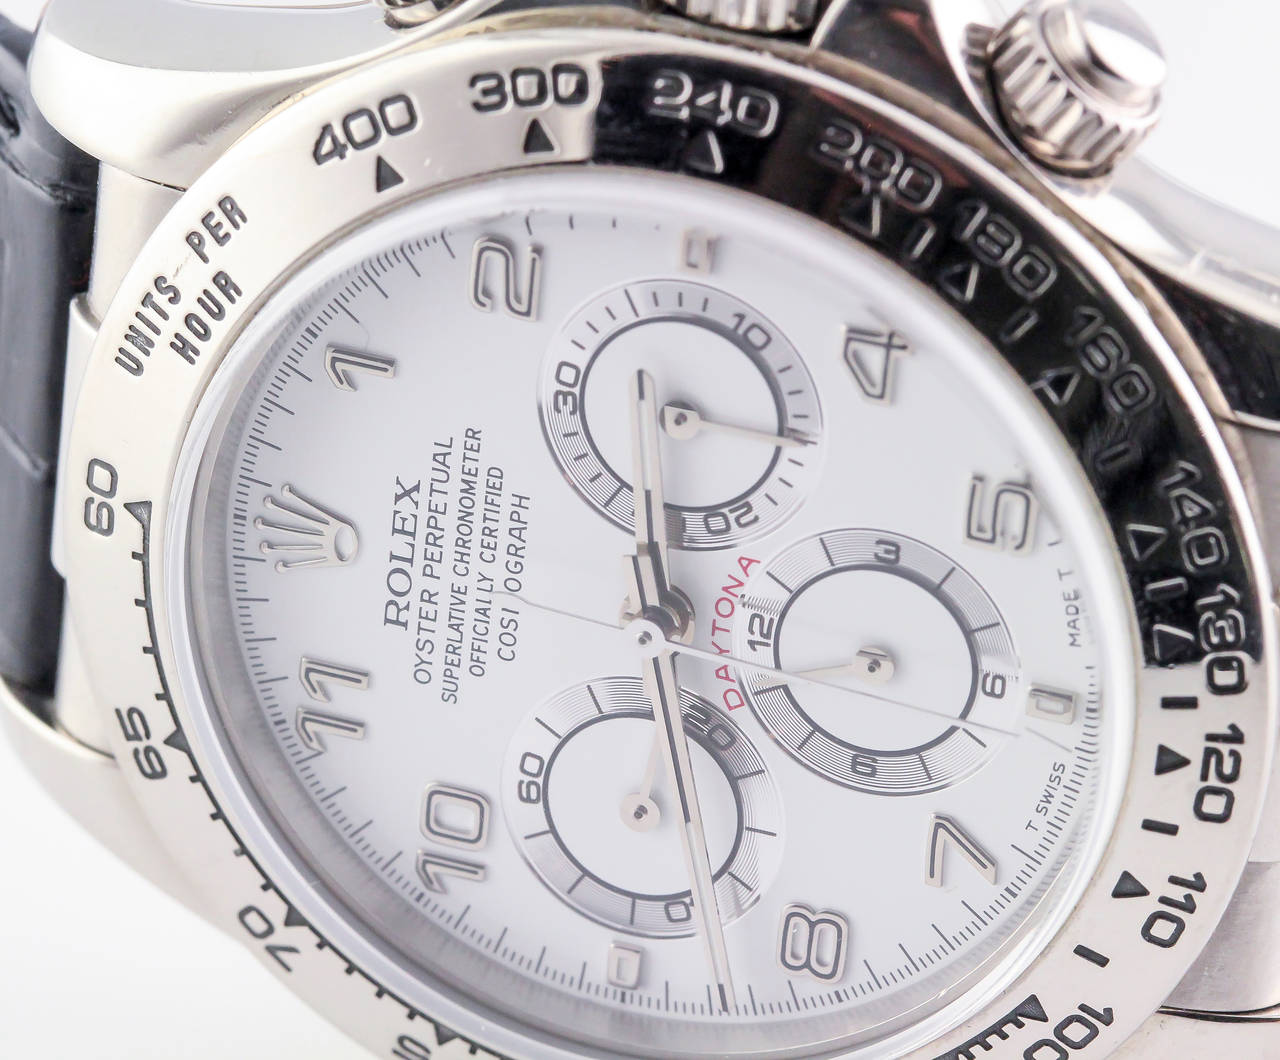 Rolex White Gold Daytona Chronograph Automatic Wristwatch 5